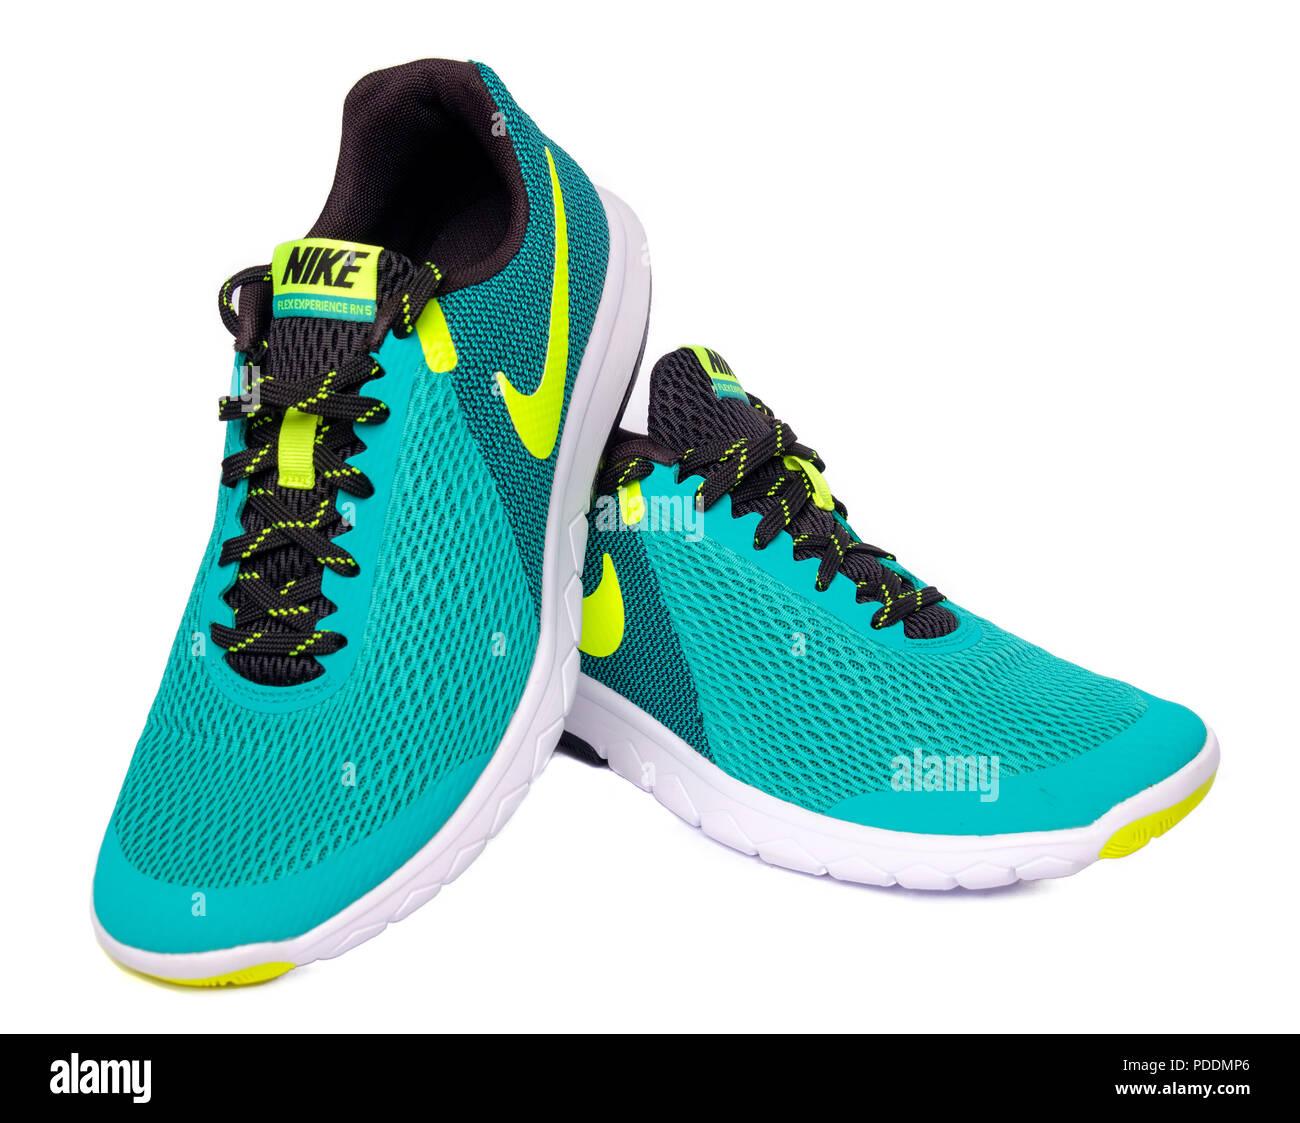 promo code db1c7 75816 Coppia di verde Nike Flex esperienza RN 5 scarpe running ritagliare isolati  su sfondo bianco